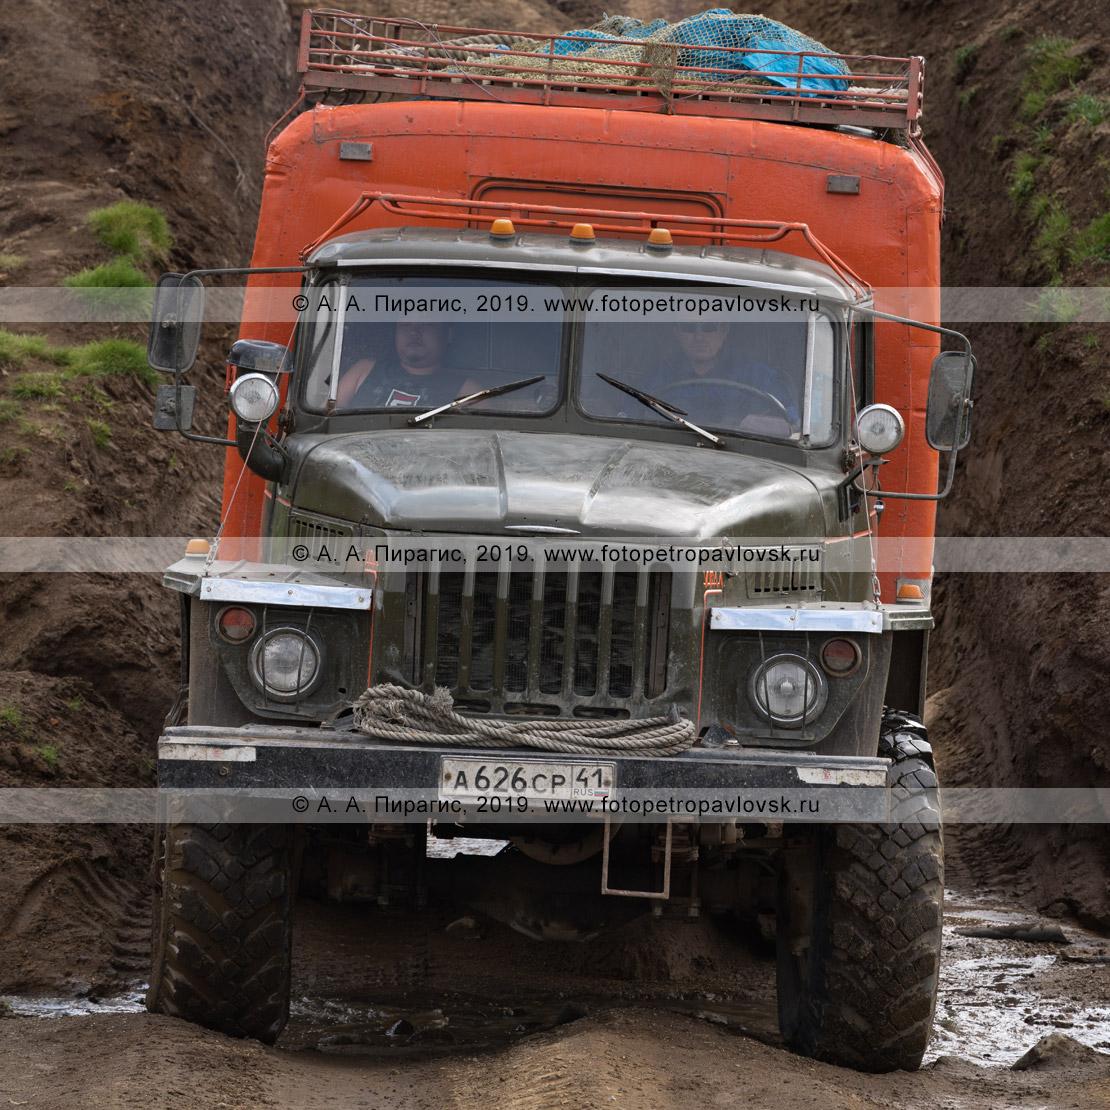 Фотография: по грунтовой дороге на Камчатке едет вахтовый автомобиль Урал повышенной проходимости, кузовом-фургоном для перевозки пассажиров